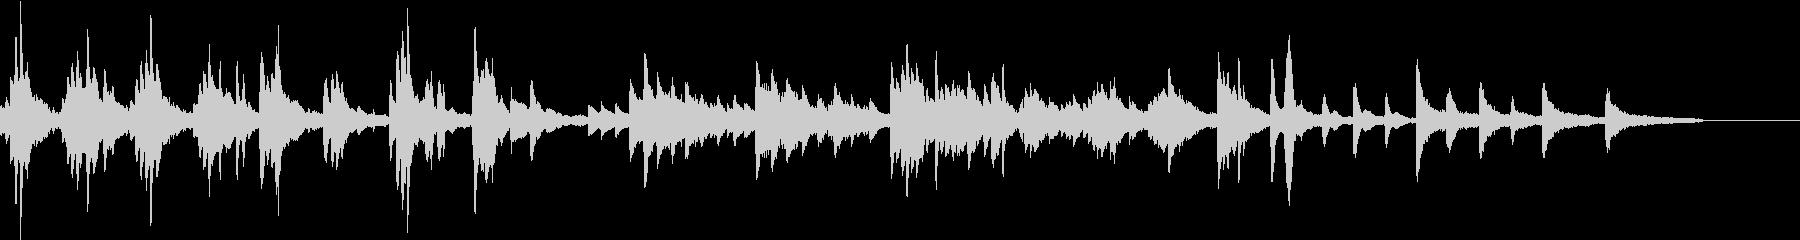 ノスタルジックなピアノバラードの未再生の波形